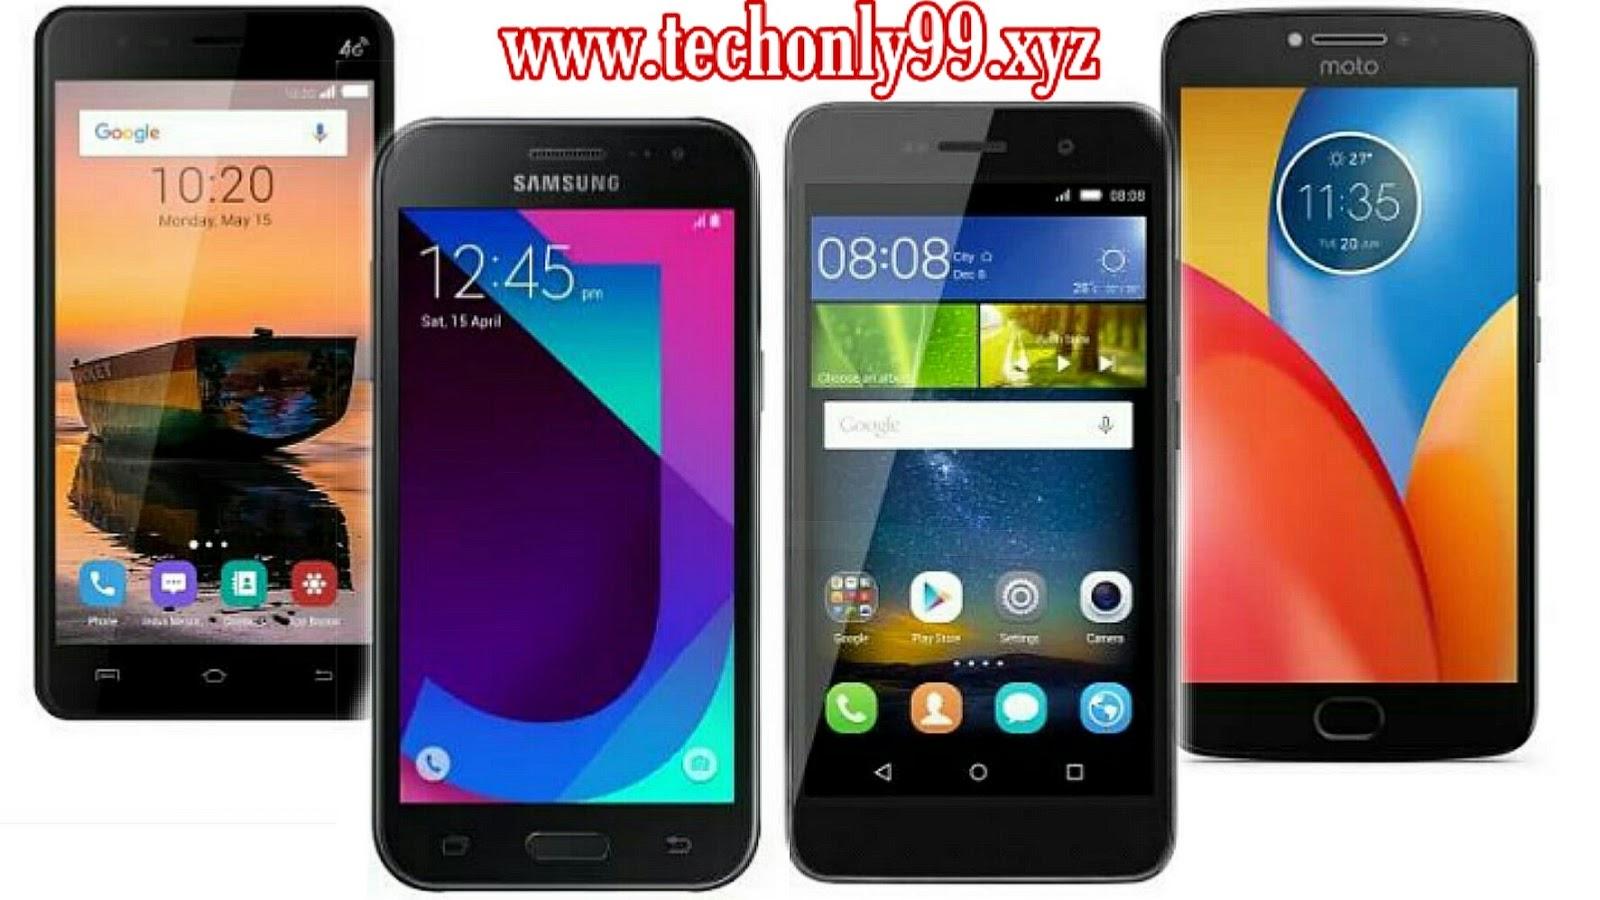 Best mobile under 5000 : बेस्ट मोबाइल फ़ोन पांच हजार रूपए की कीमत में। www.techonly99.xyz